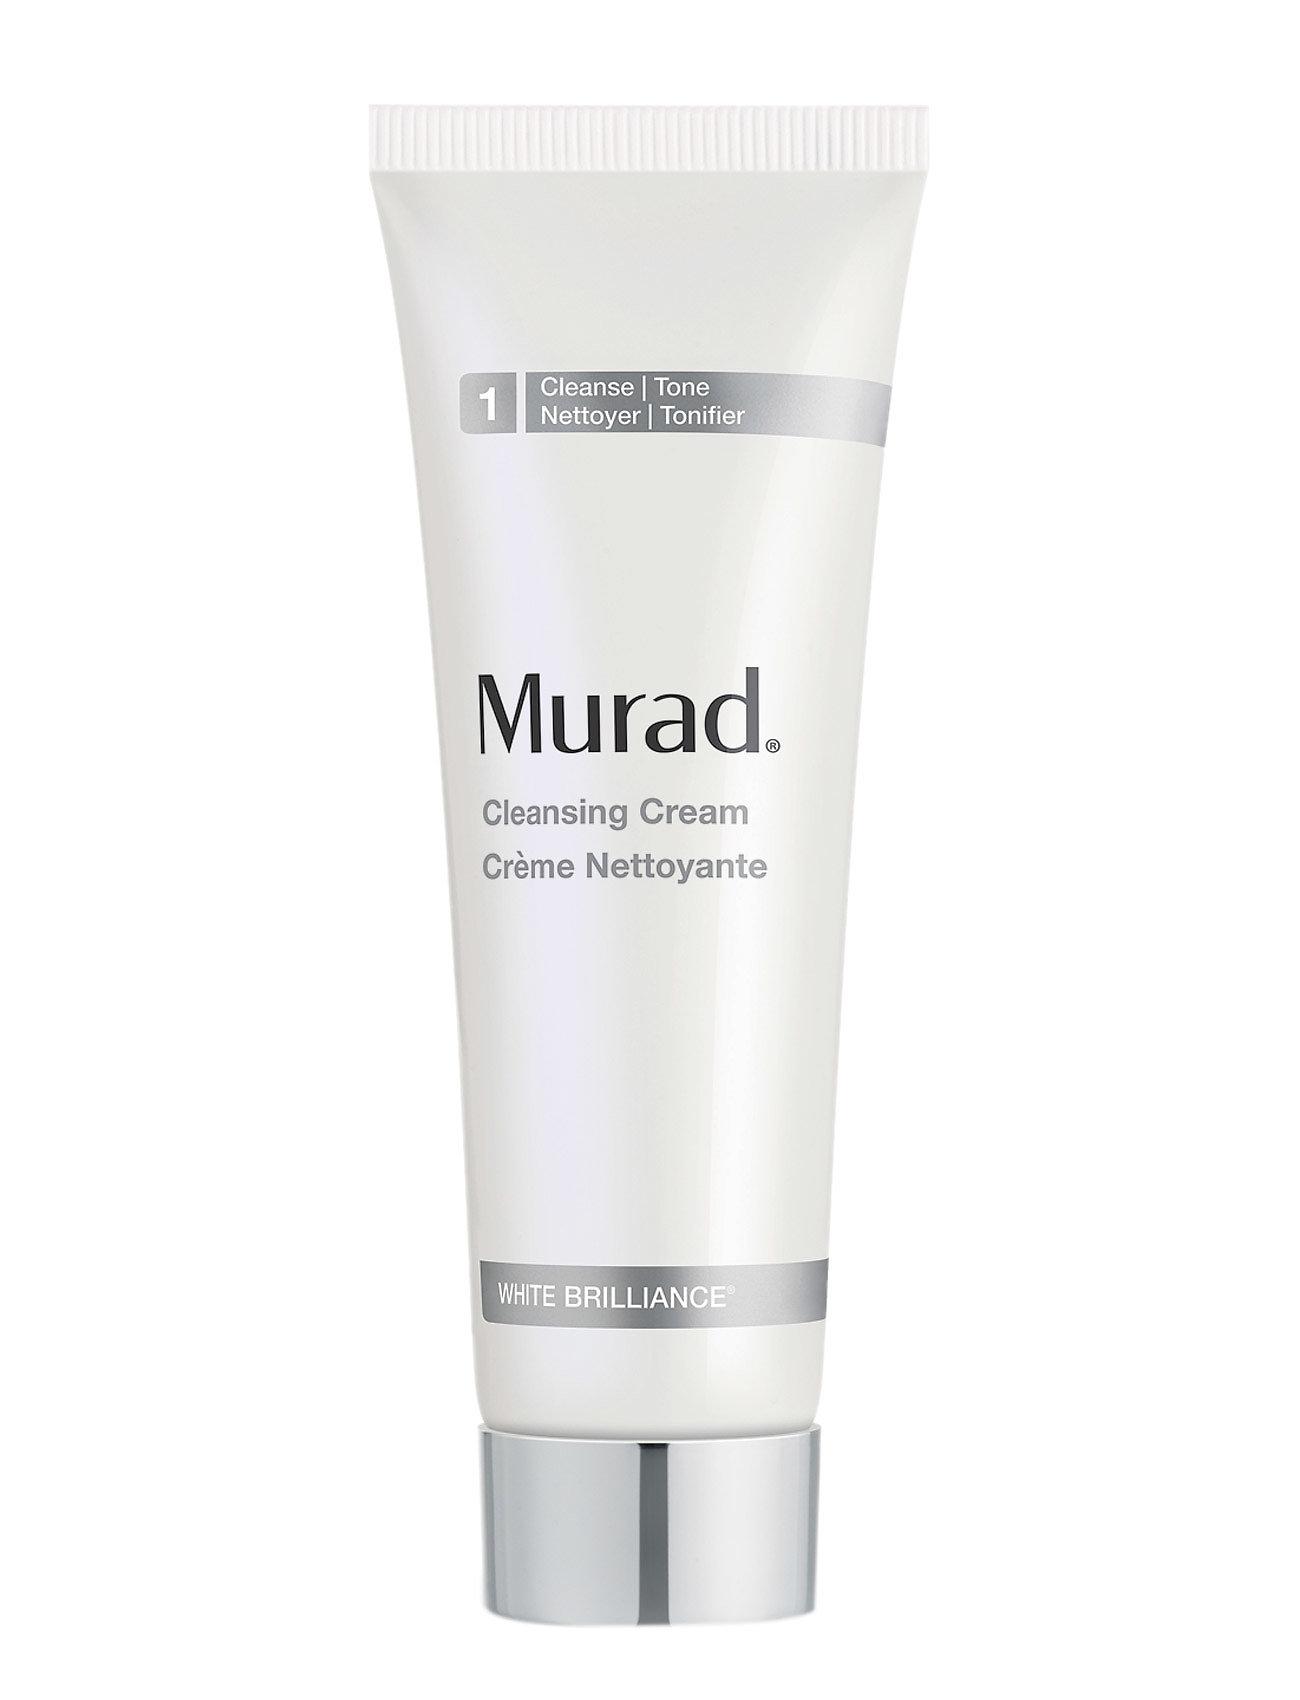 Murad Wb White Brilliance Cleansing Cream Murad  til Damer i Klar